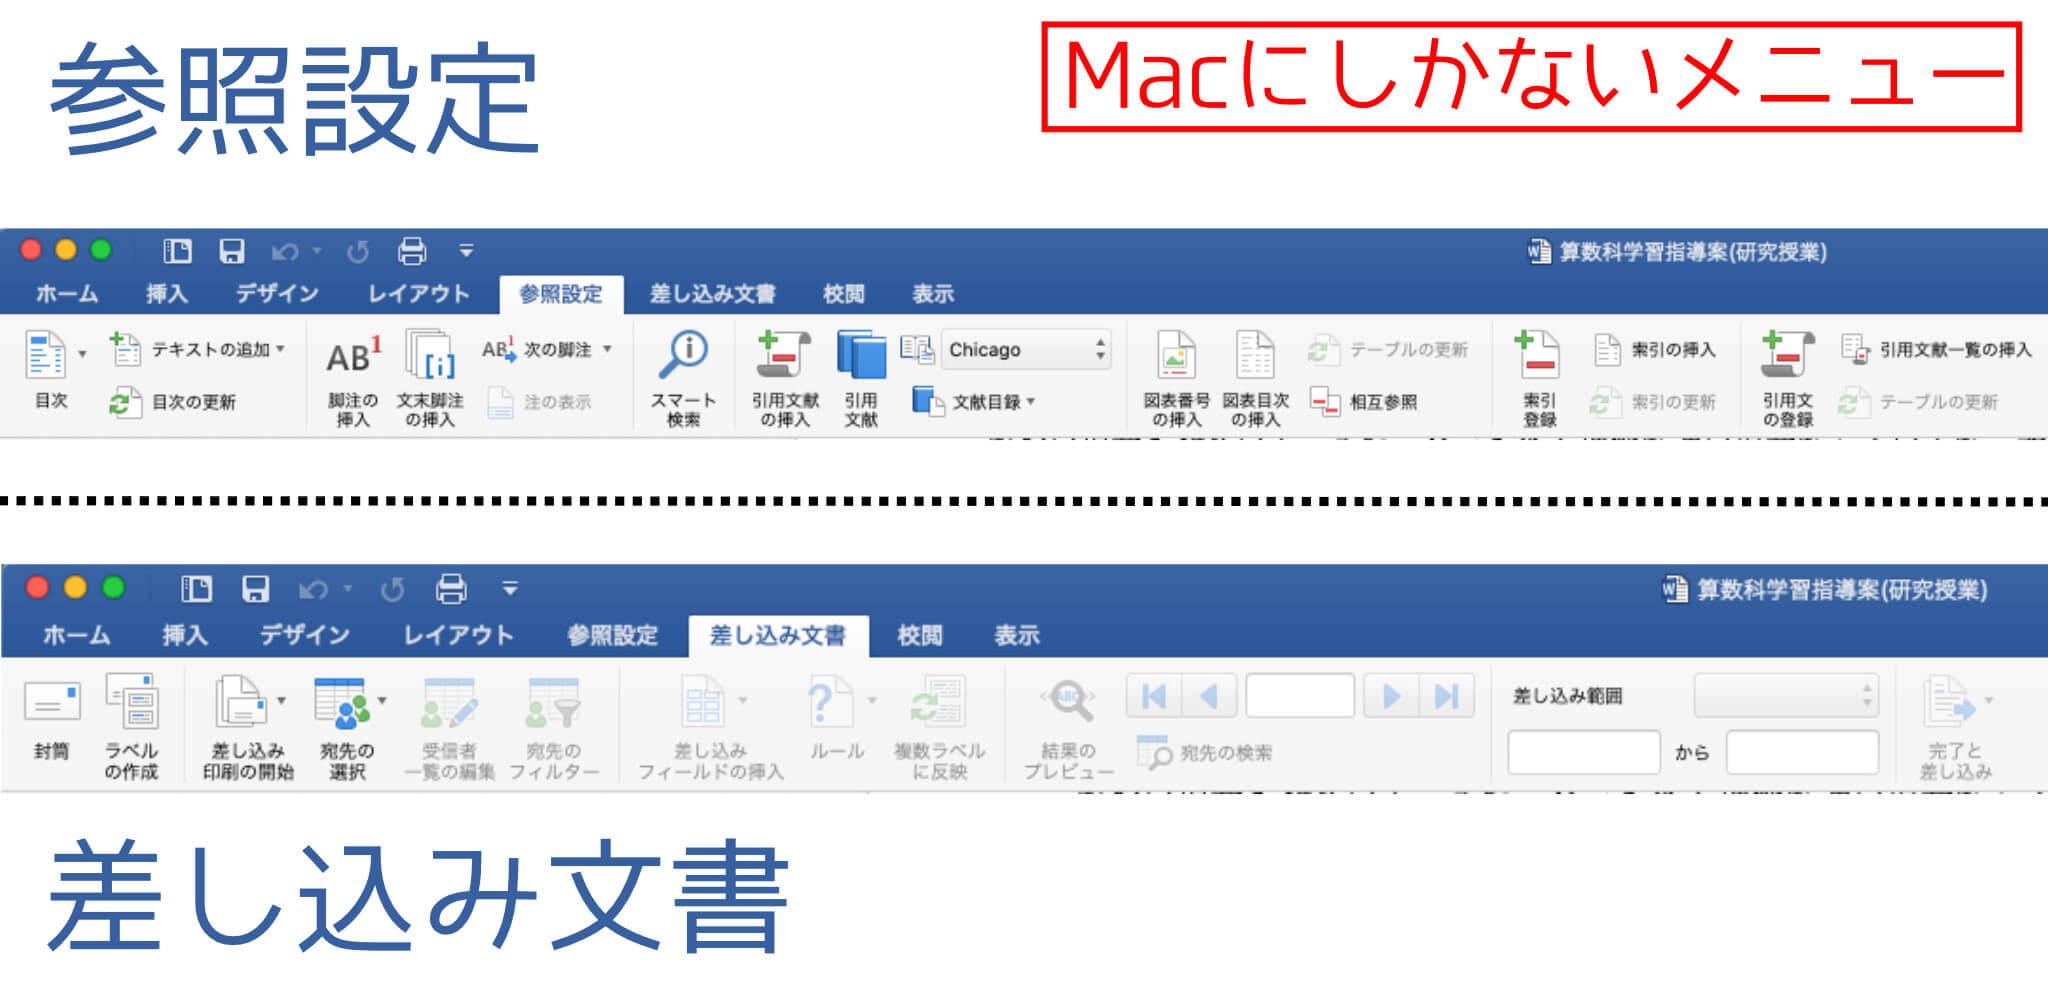 Macのみのメニュー